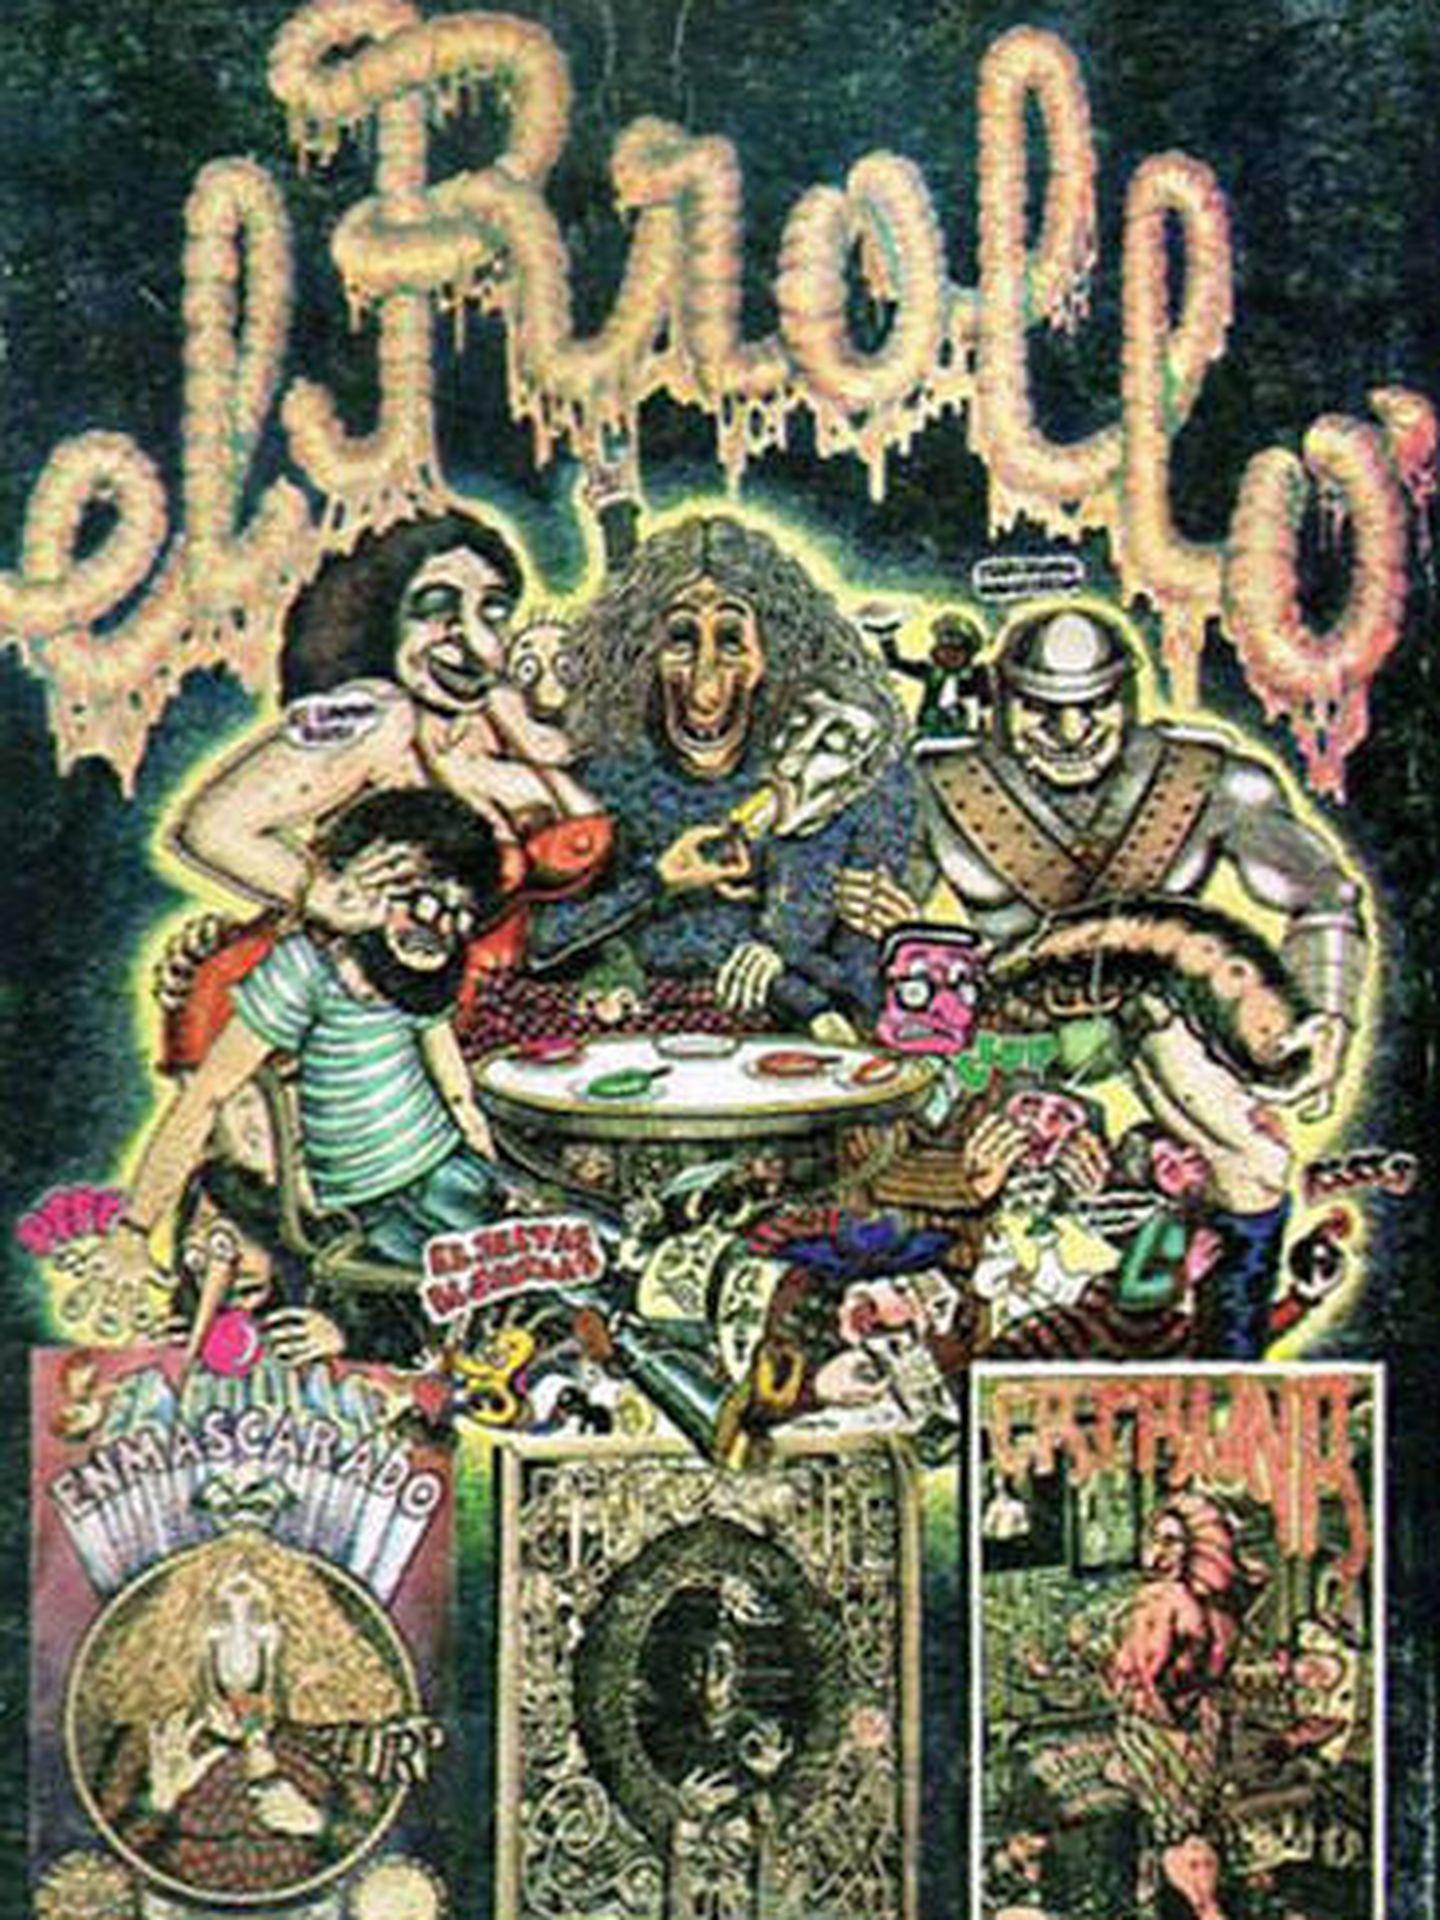 'El Rrollo Enmascarado' de Nazario Luque, Javier Mariscal, Farry y Pepichek